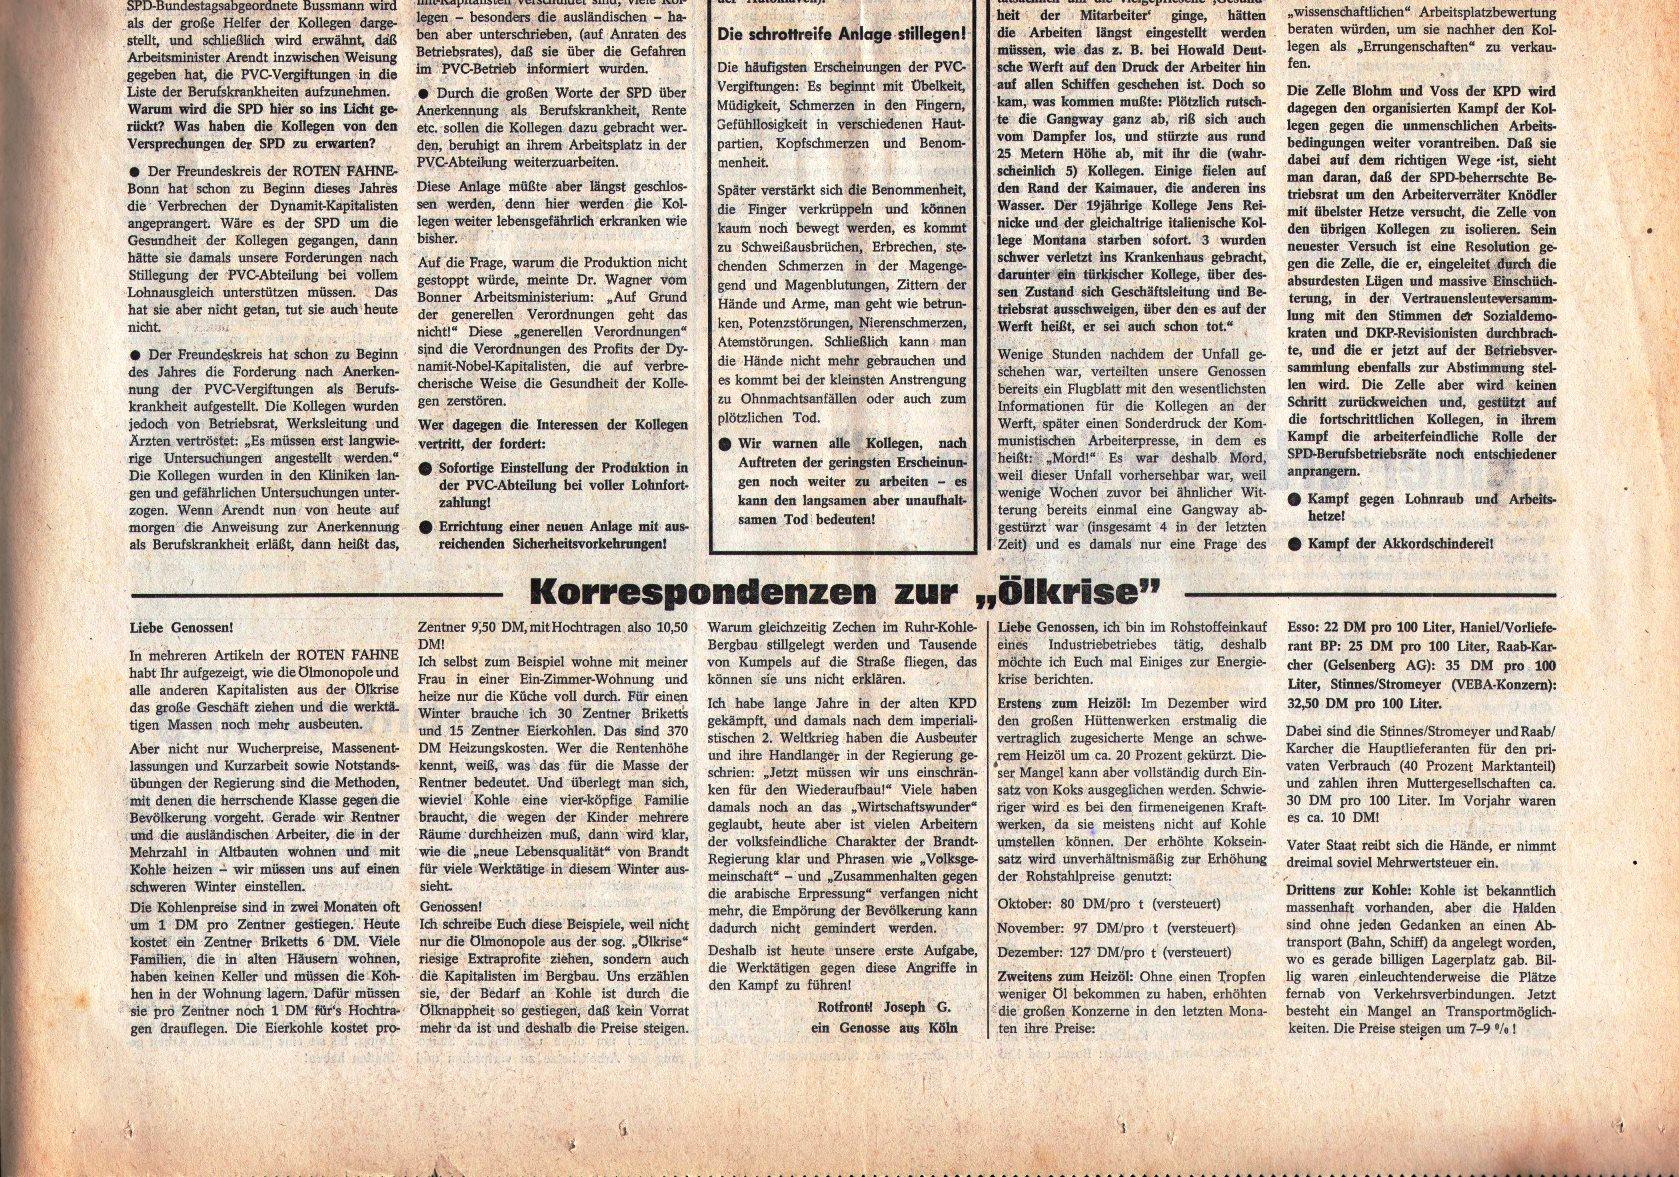 KPD_Rote_Fahne_1973_51_14